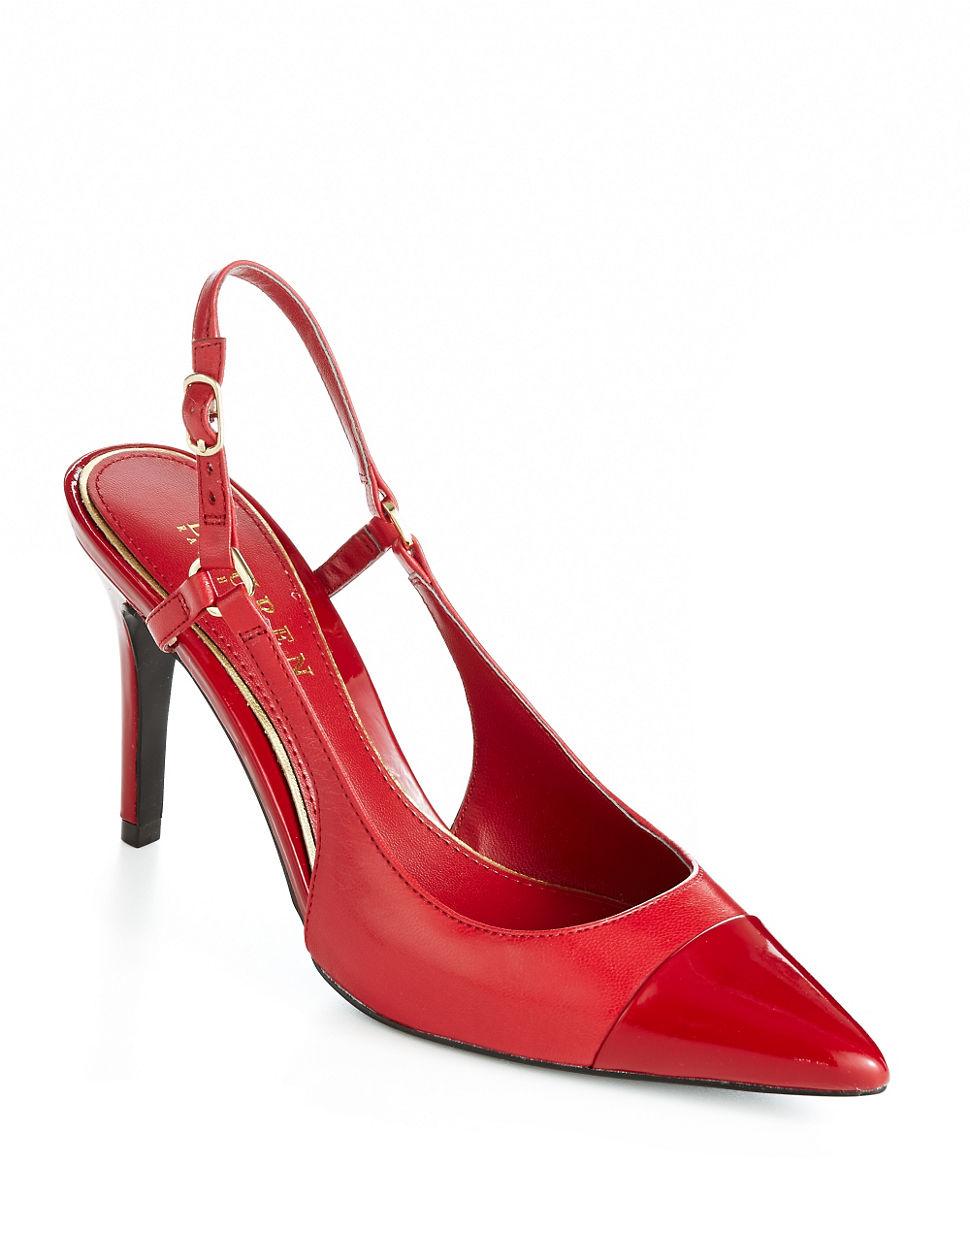 LAUREN RALPH LAUREN Aaliyah Slingback Pump bright red Size 9